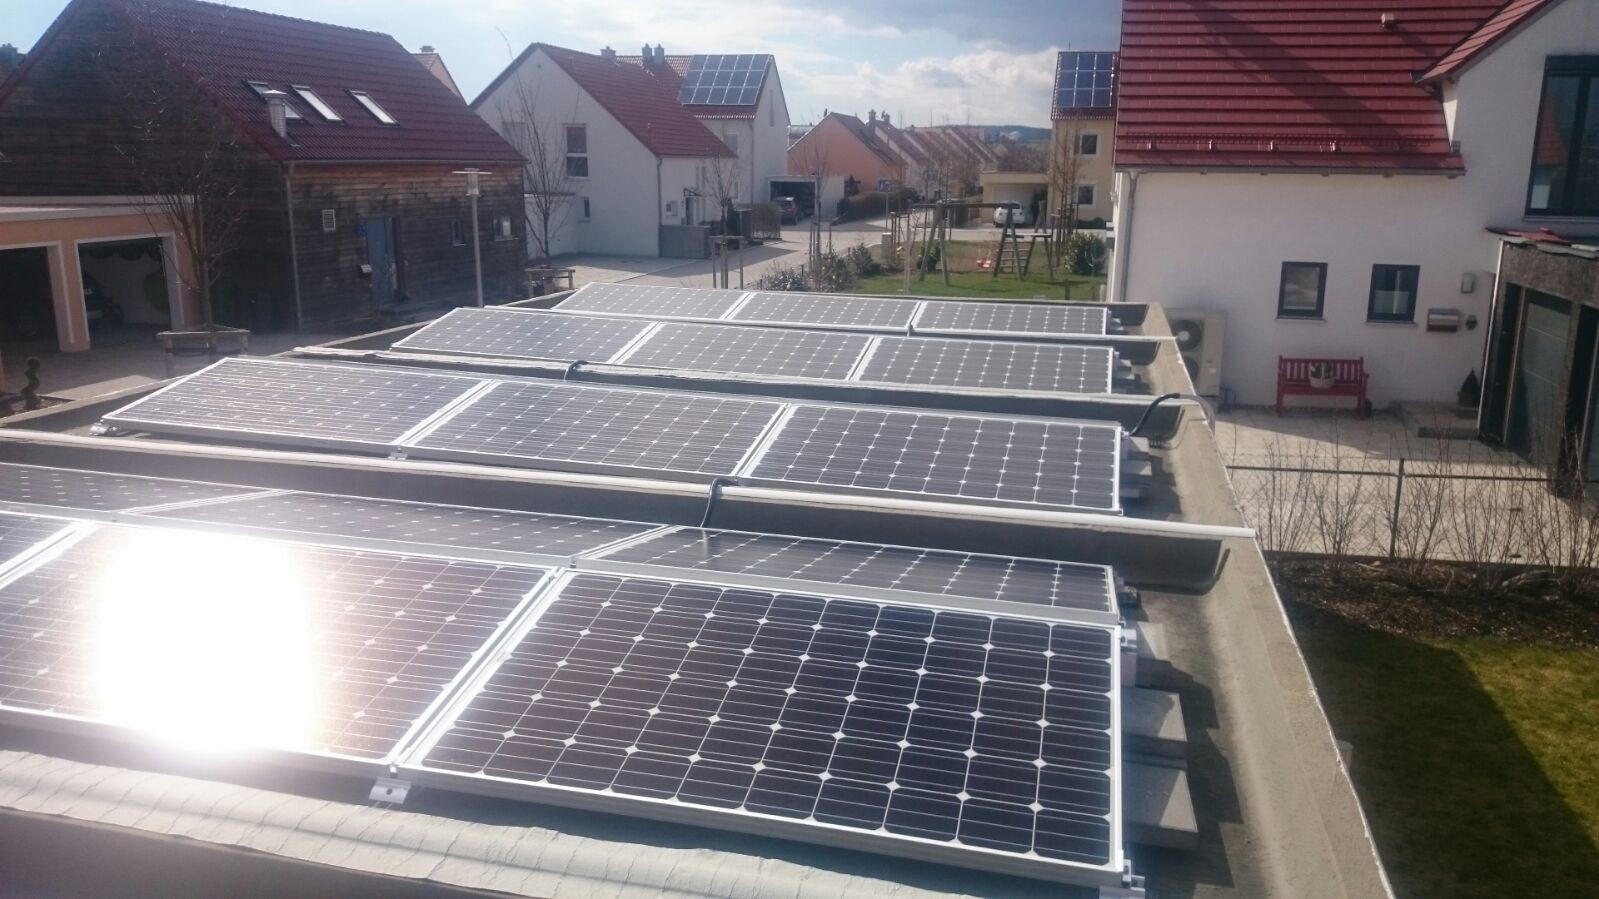 8,7 kWp Photovoltaikanlage mit Solarwatt Glas/Glas Module 30 Jahre Garantie mit Senec 10.0 Lithium Speicher